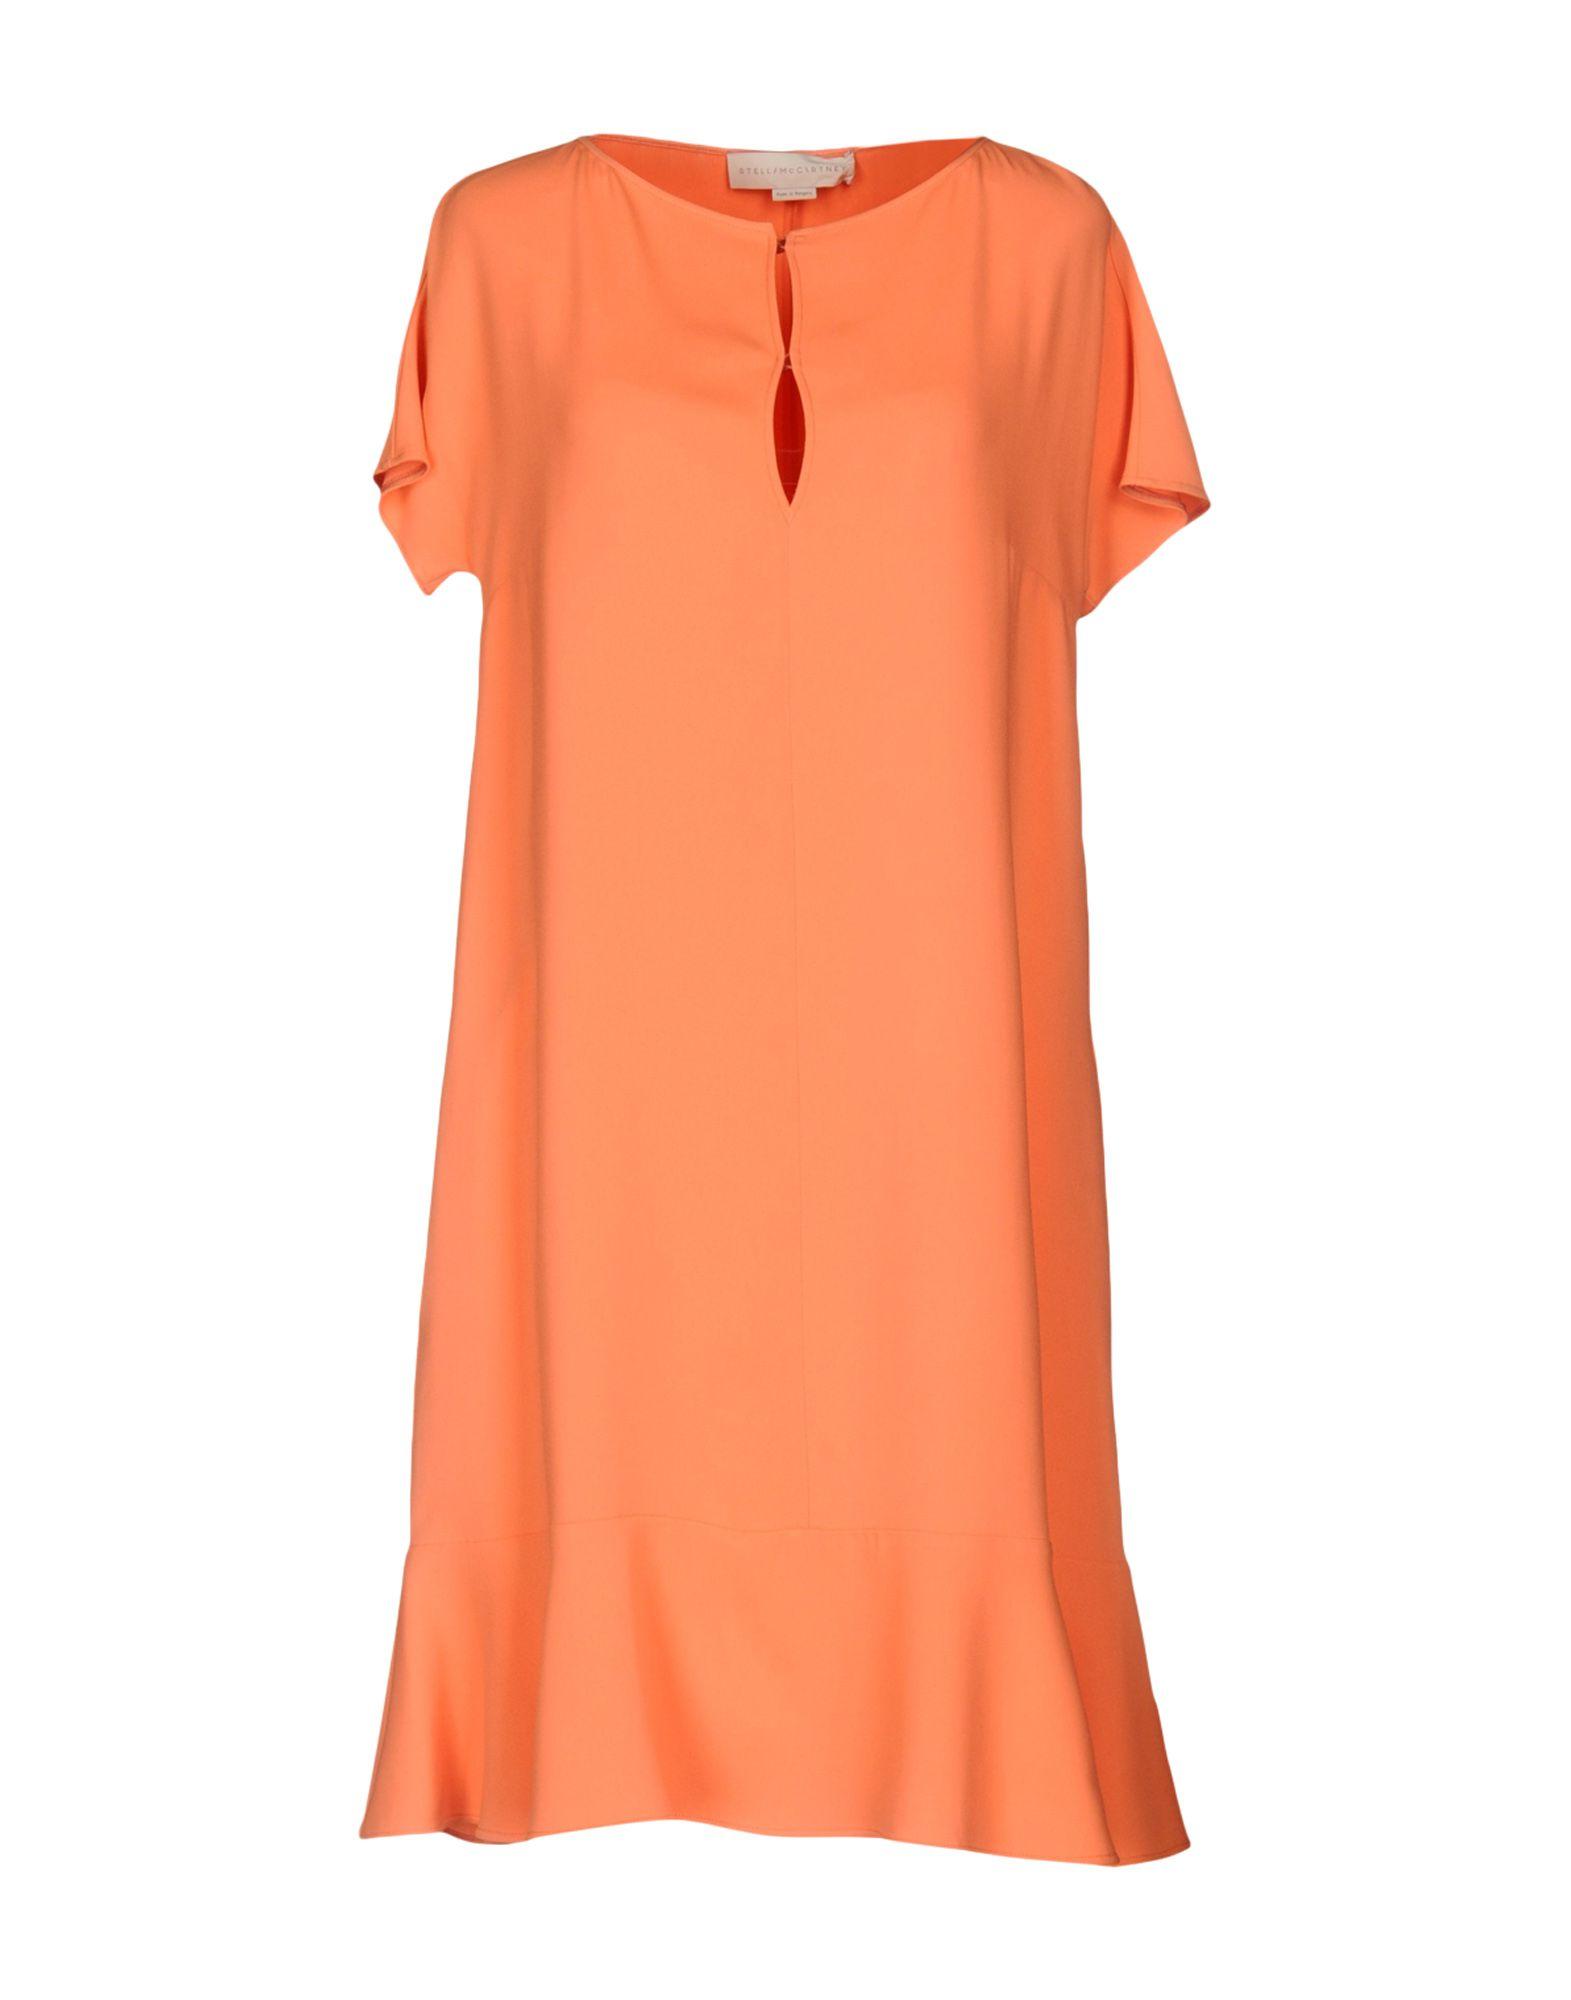 《セール開催中》STELLA McCARTNEY レディース ミニワンピース&ドレス あんず色 42 64% レーヨン 32% アセテート 4% ポリウレタン